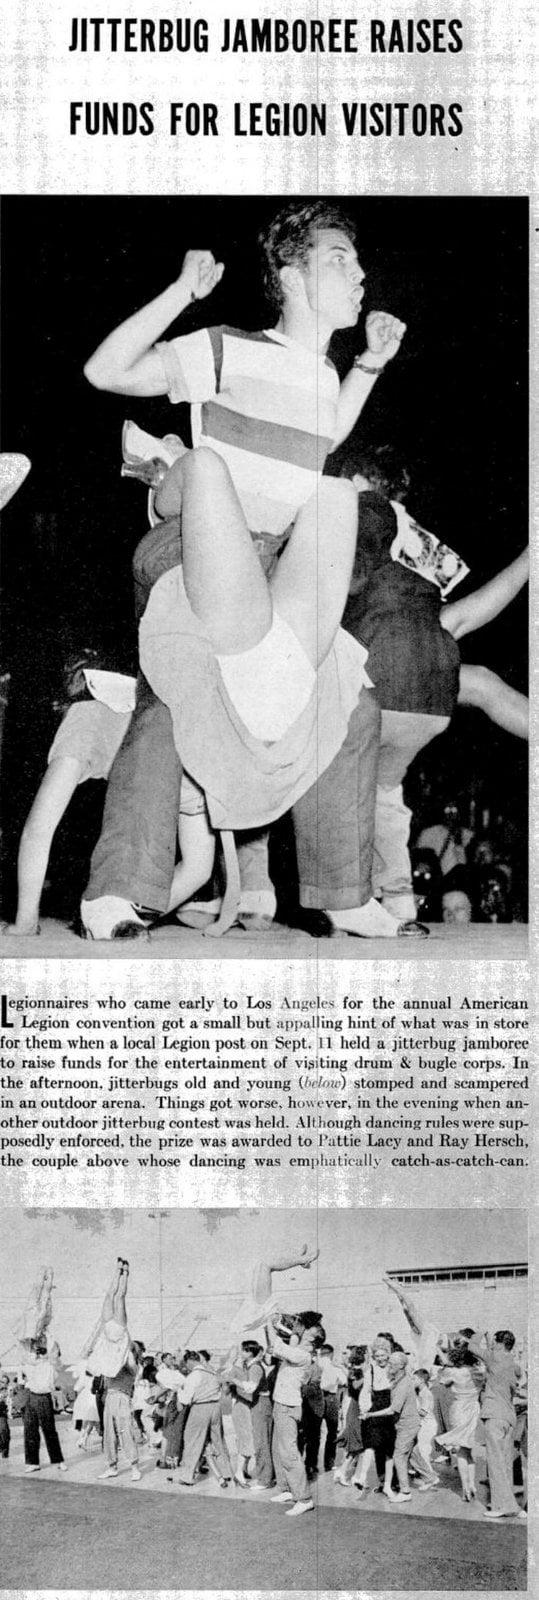 LIFE Sep 26, 1938 Jitterbug dancing